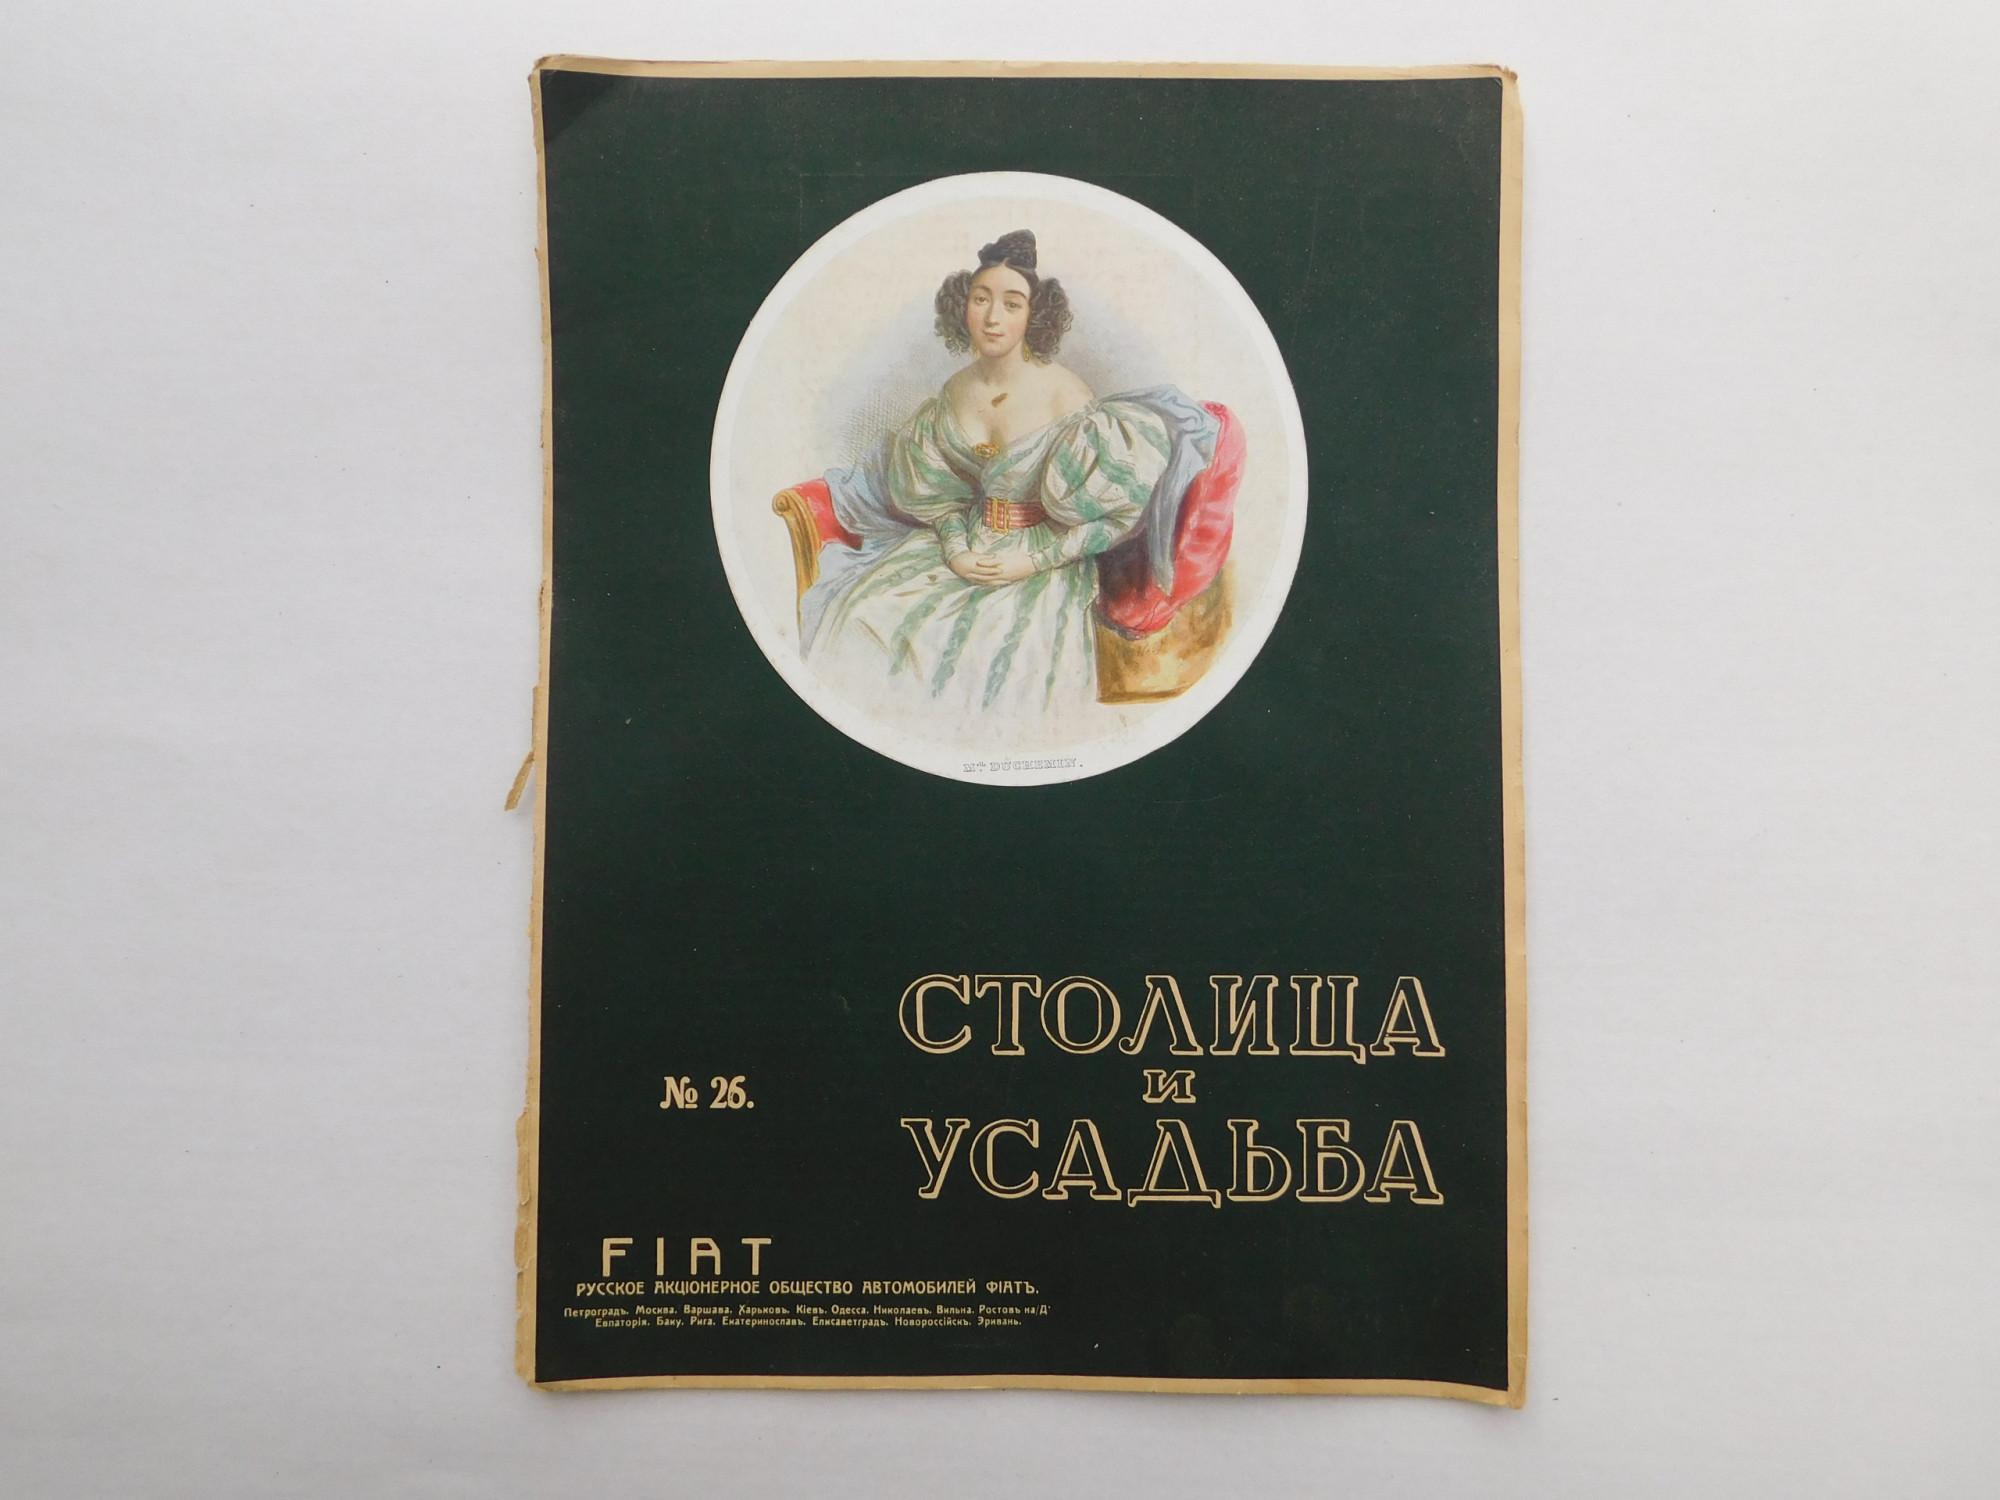 Из журнала «Столица и усадьба» № 26, 1915 года, из фондов музея заповедника Д.И.Менделеева и А.А.Блока2